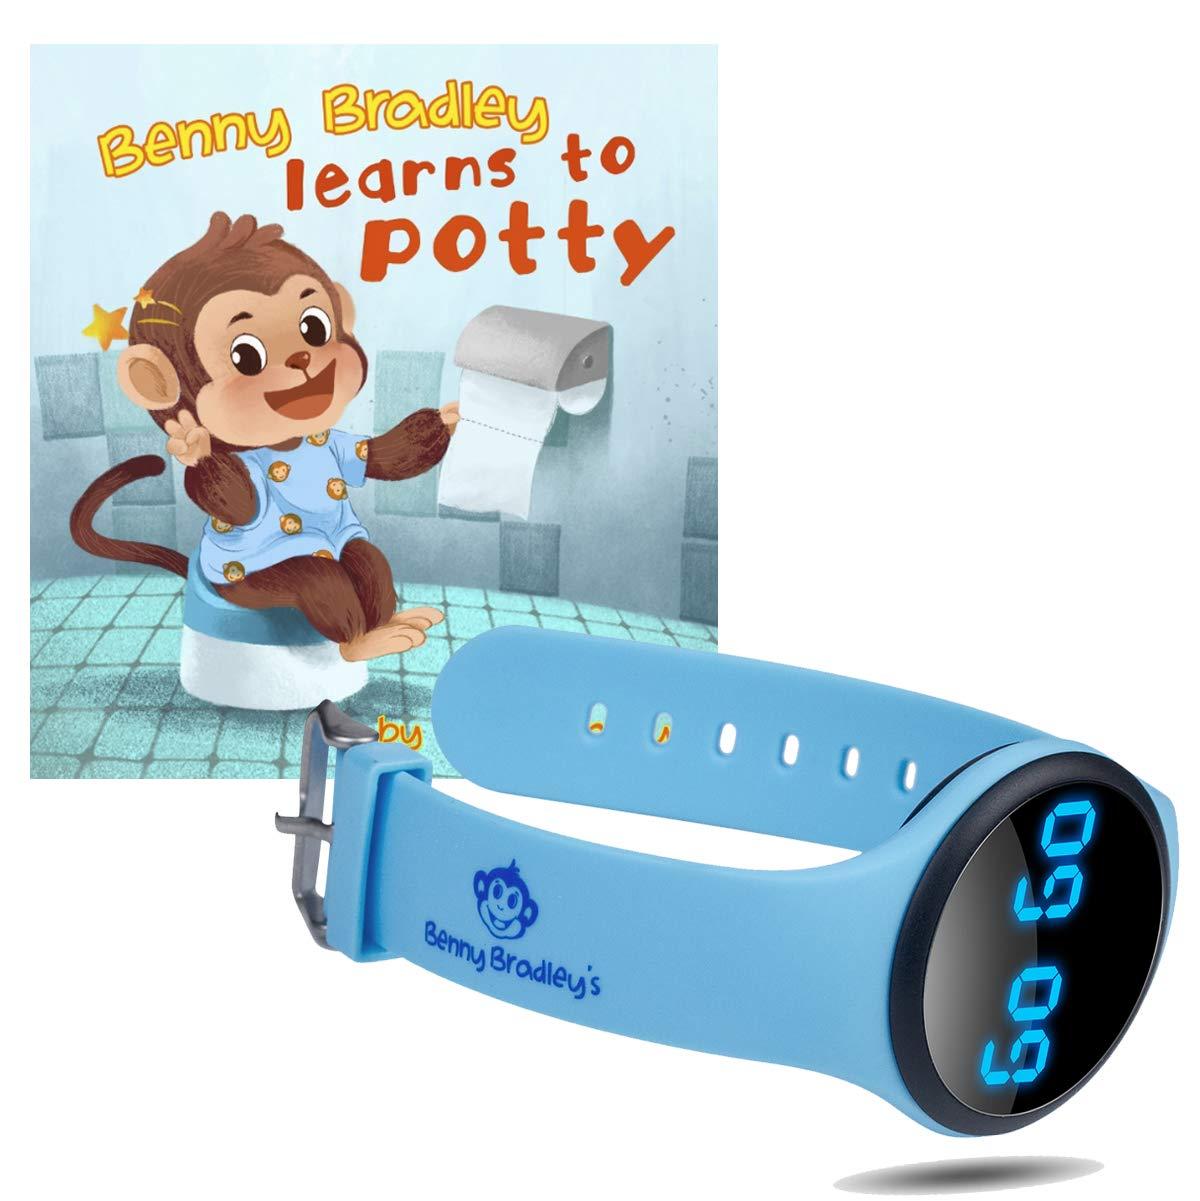 Benny Bradley's Potty Training Watch, with Potty Training eBook